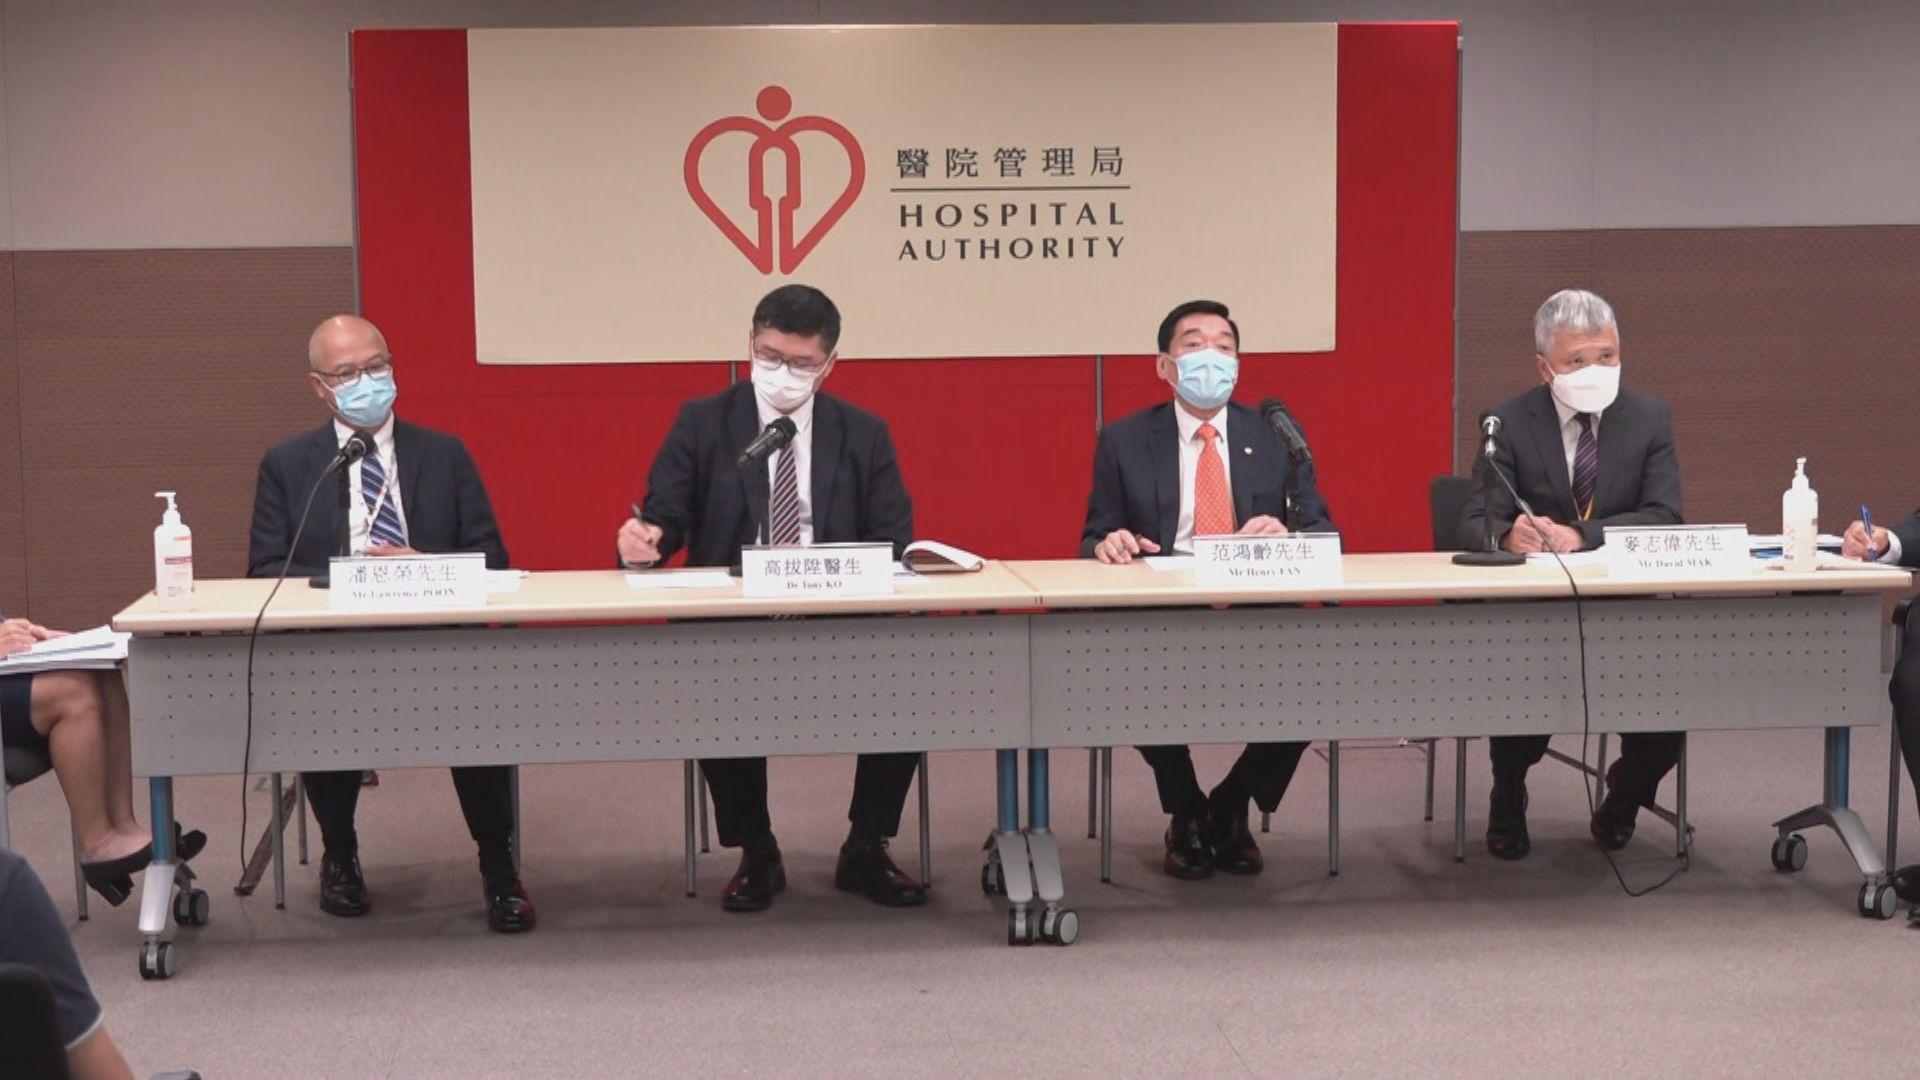 醫管局增設副顧問護師職級 明年起聘請140名